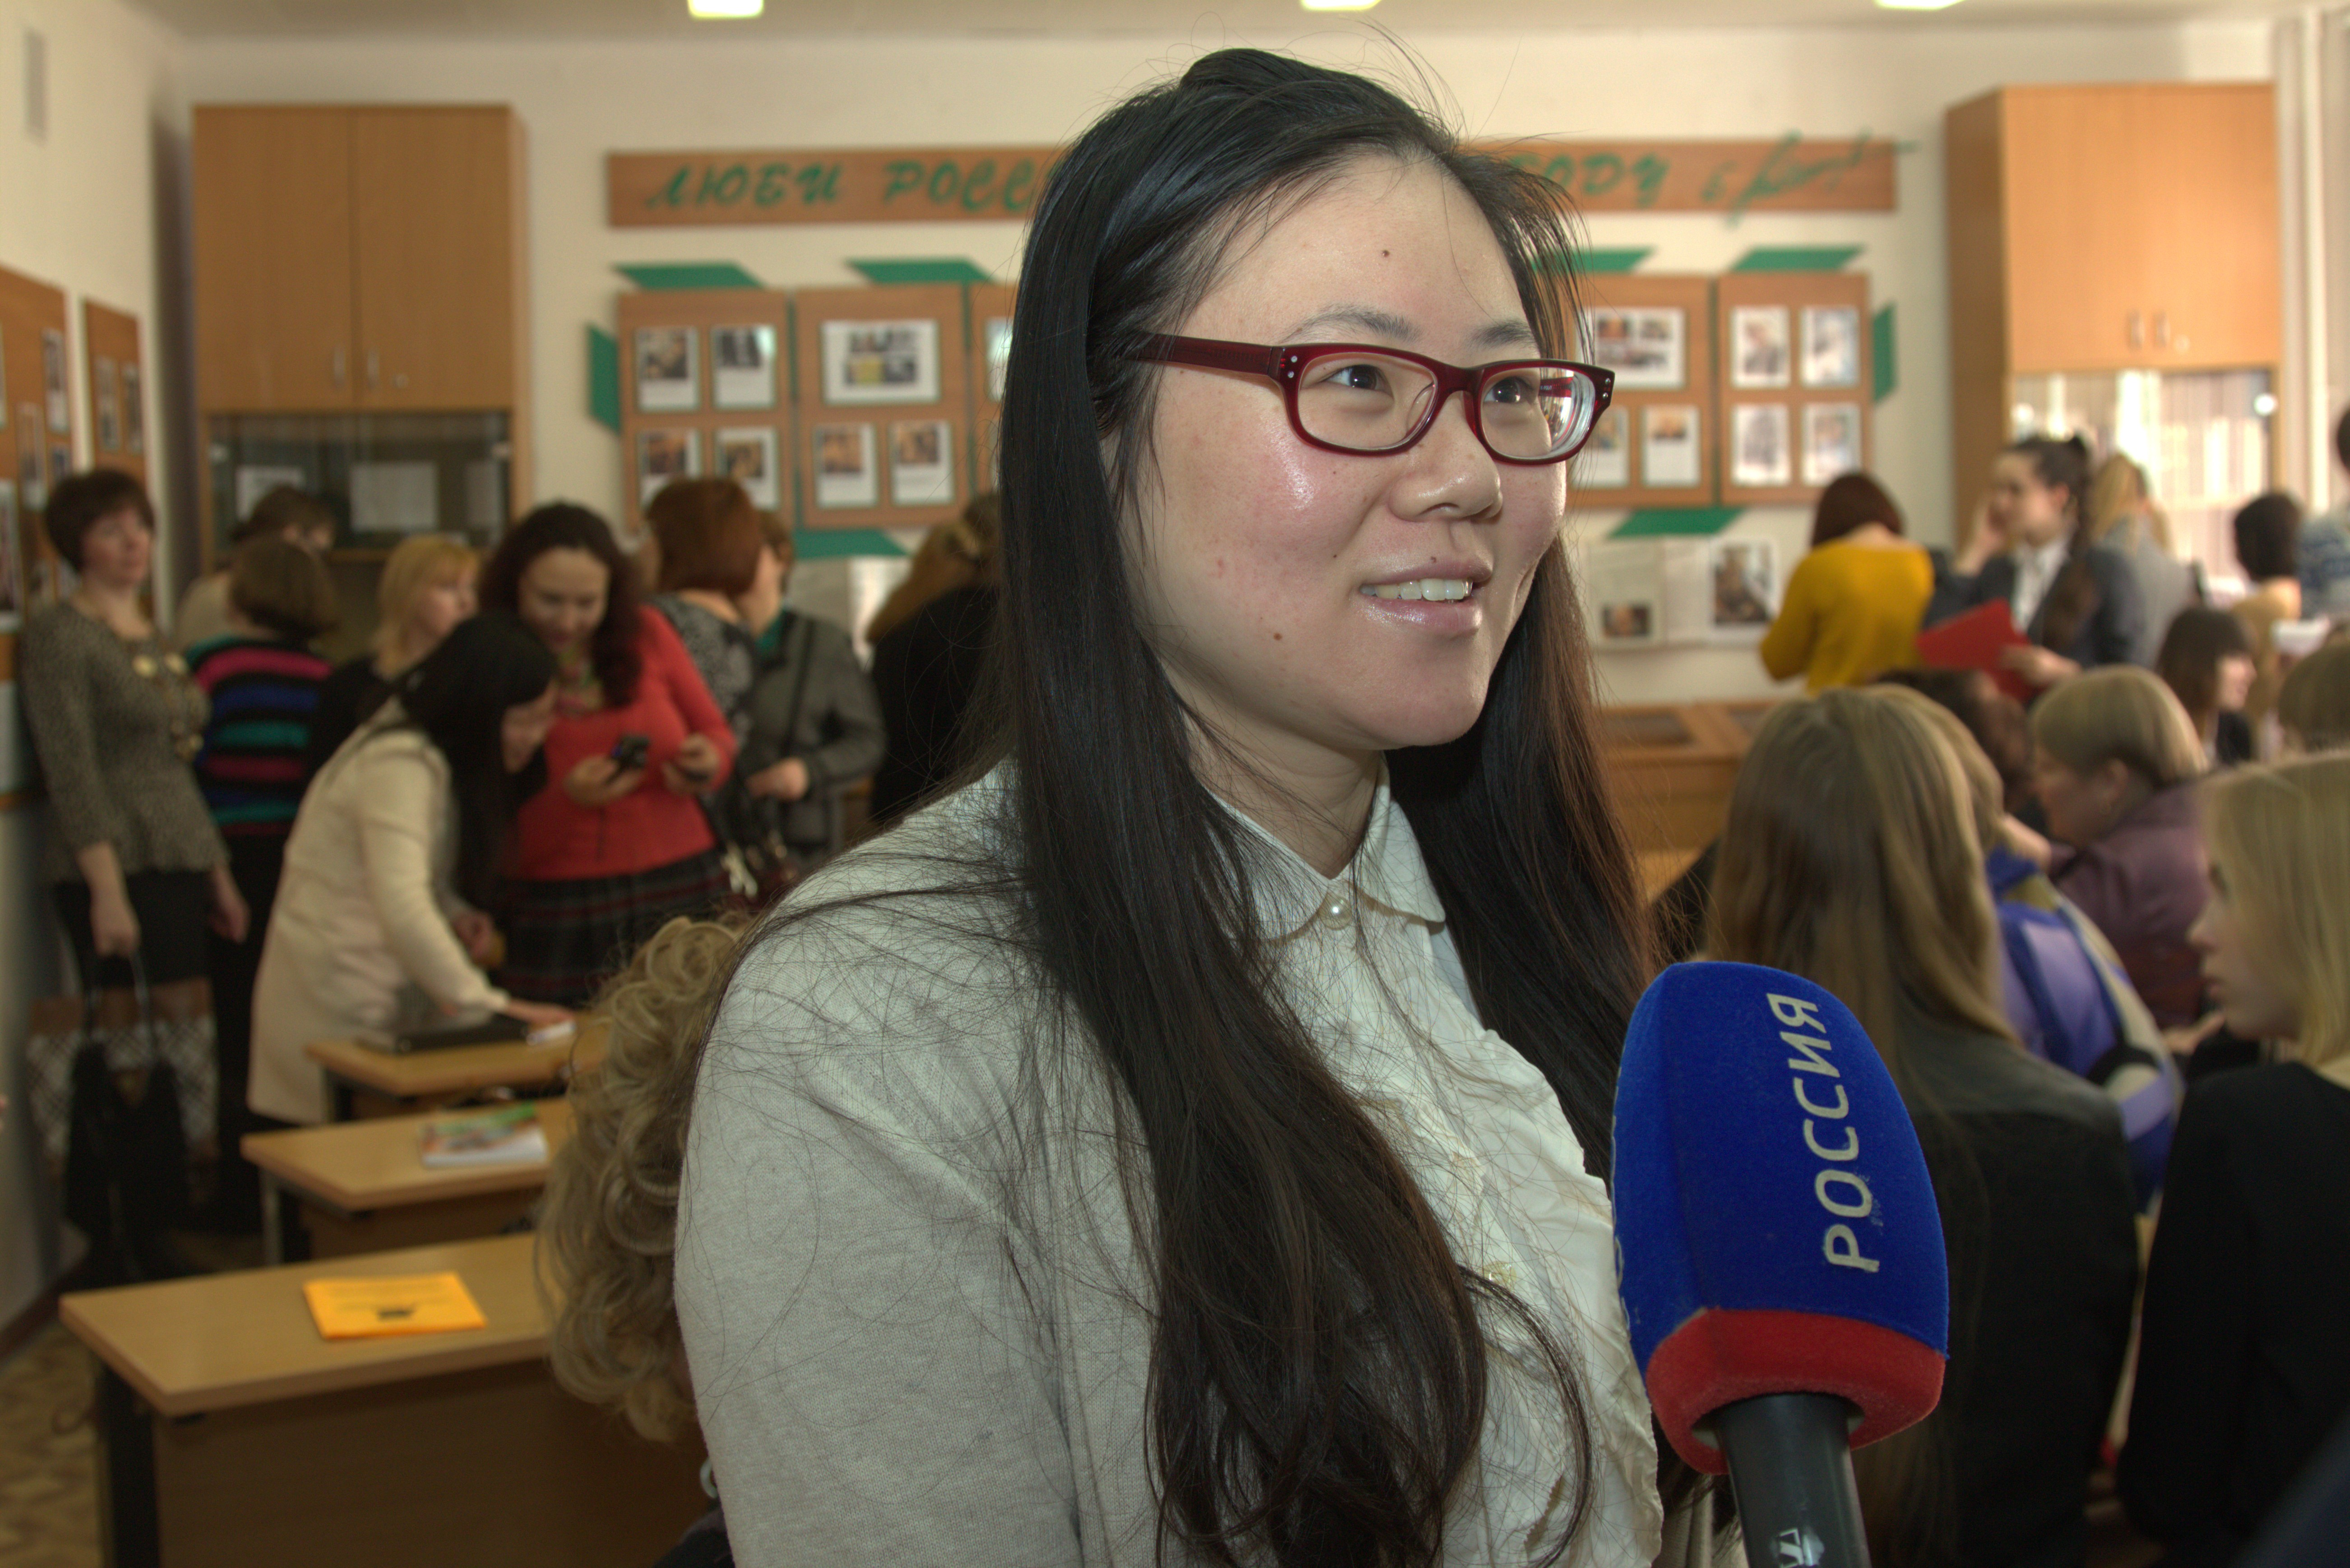 Участница конференции из Китая